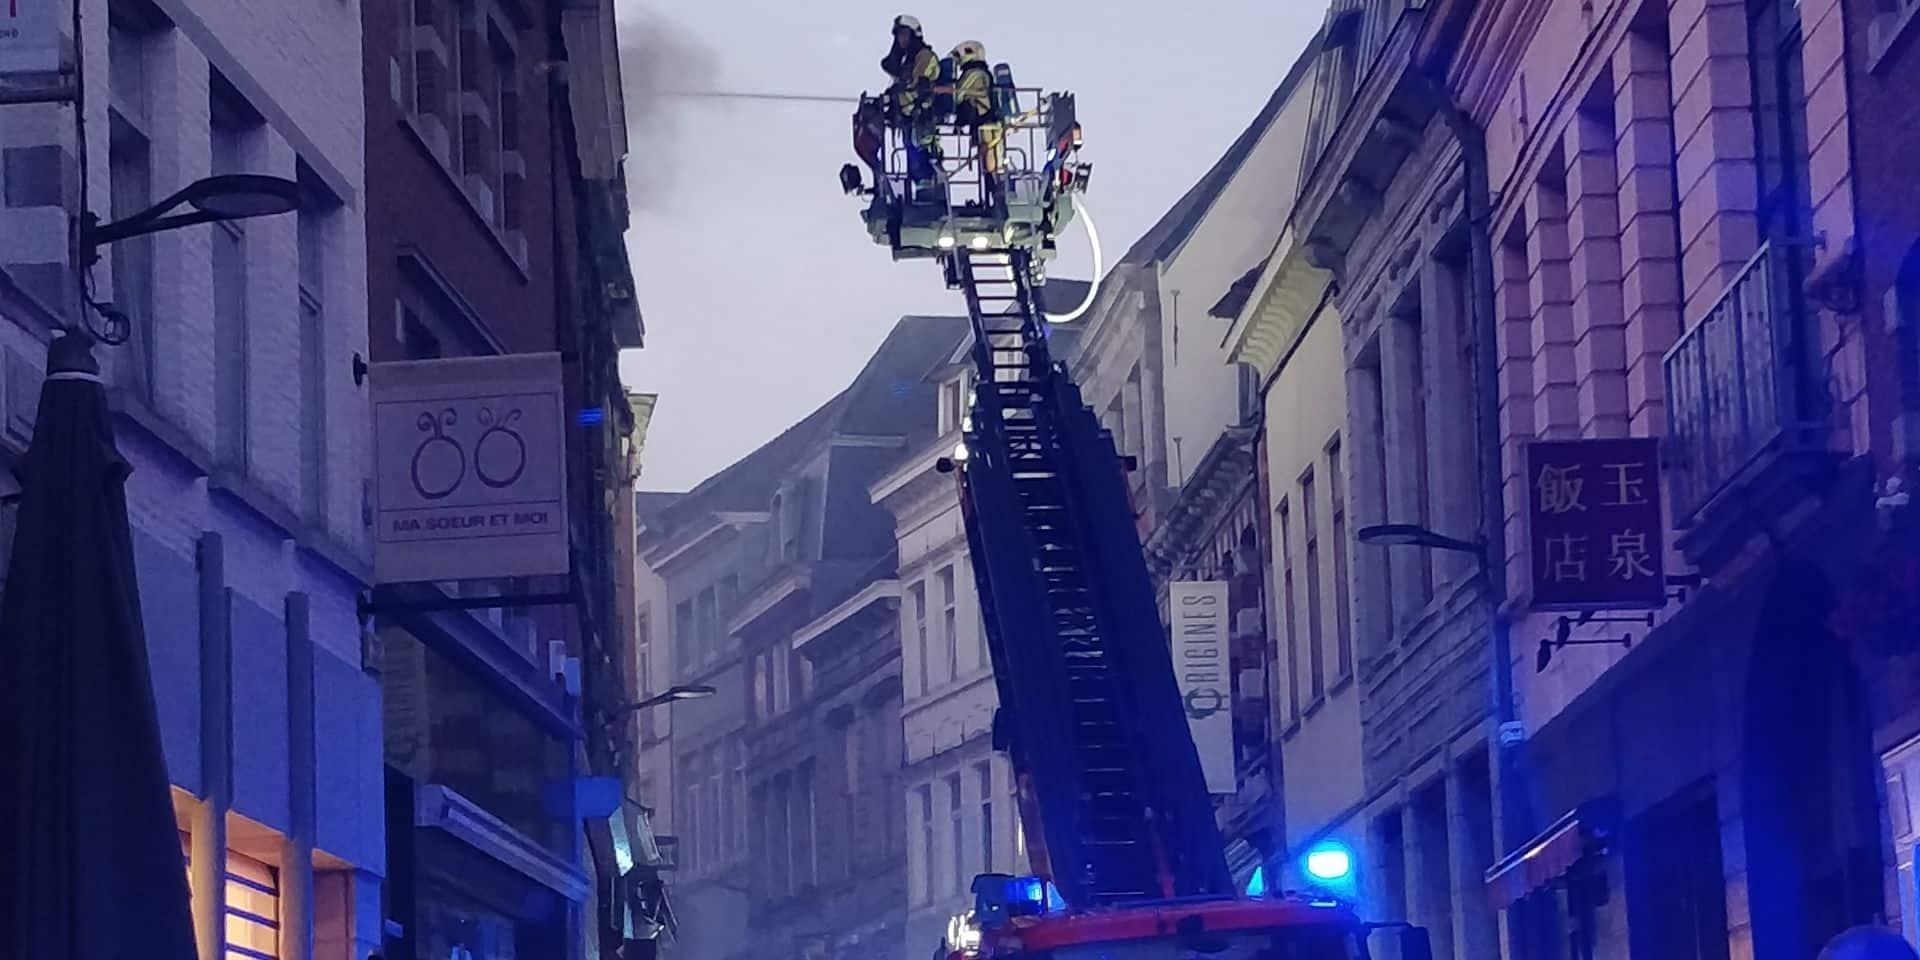 Incendie à la rue de la Coupe à Mons: l'heure est au bilan